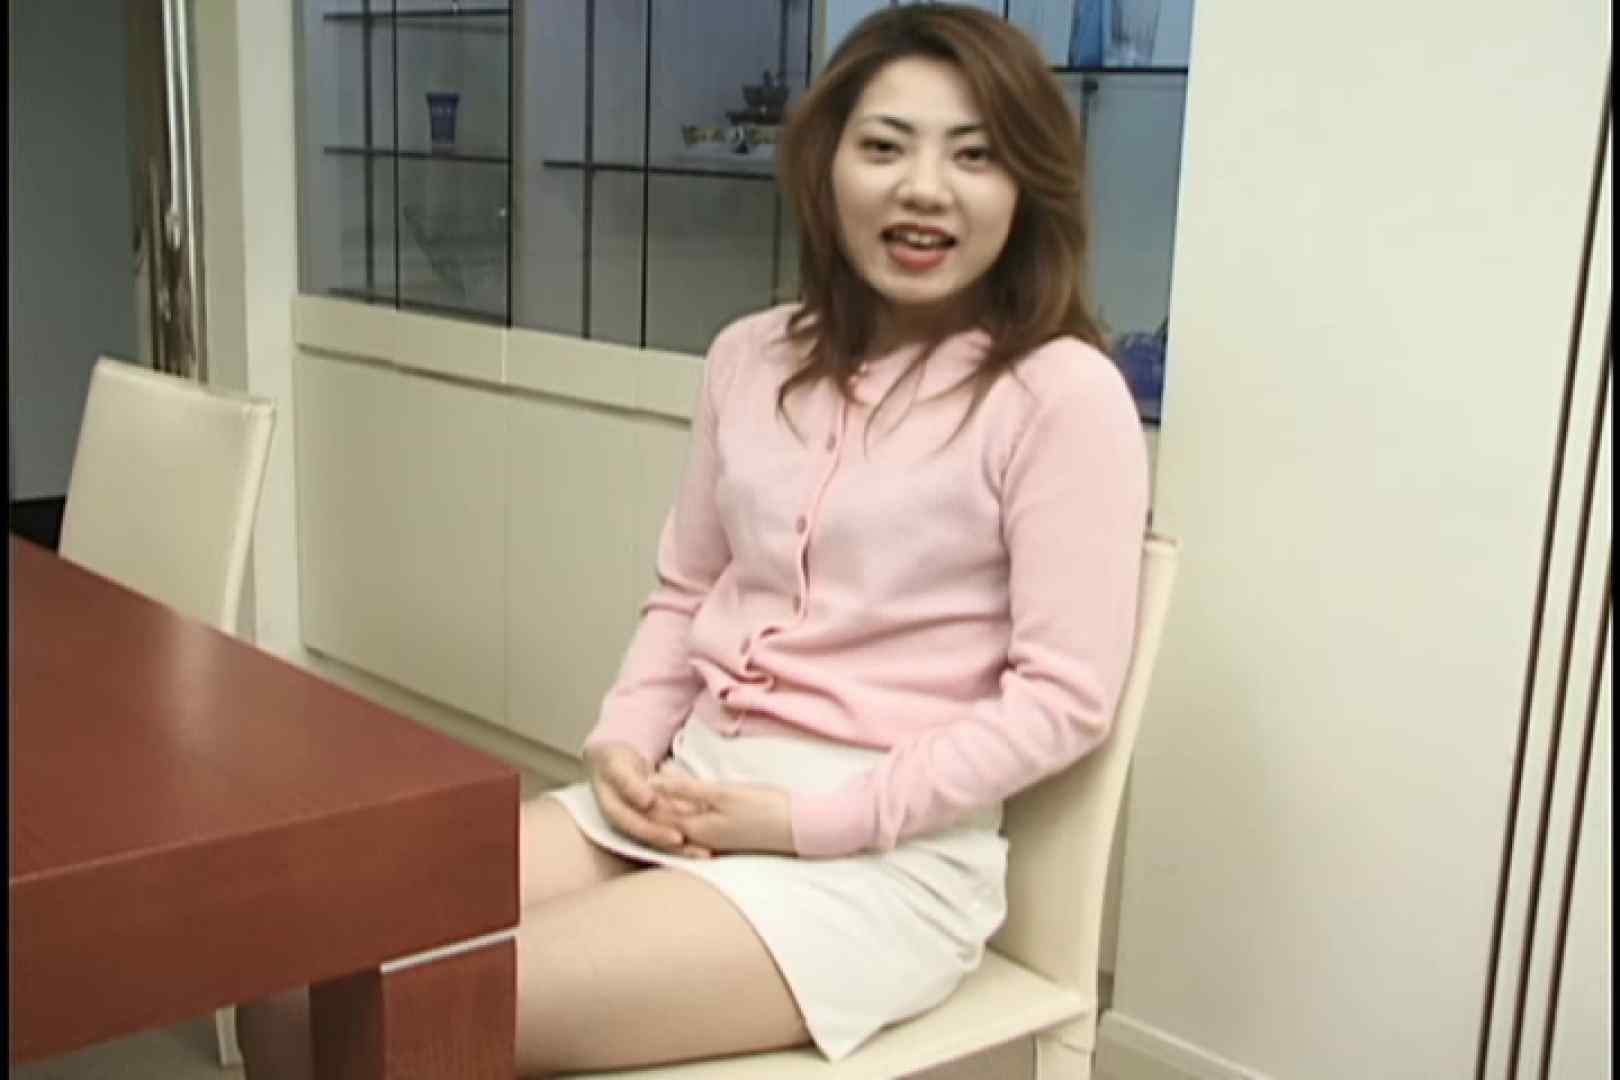 欲求不満の人妻がエロいフェラで男を虜に~川本亜矢子~ 0  96連発 14